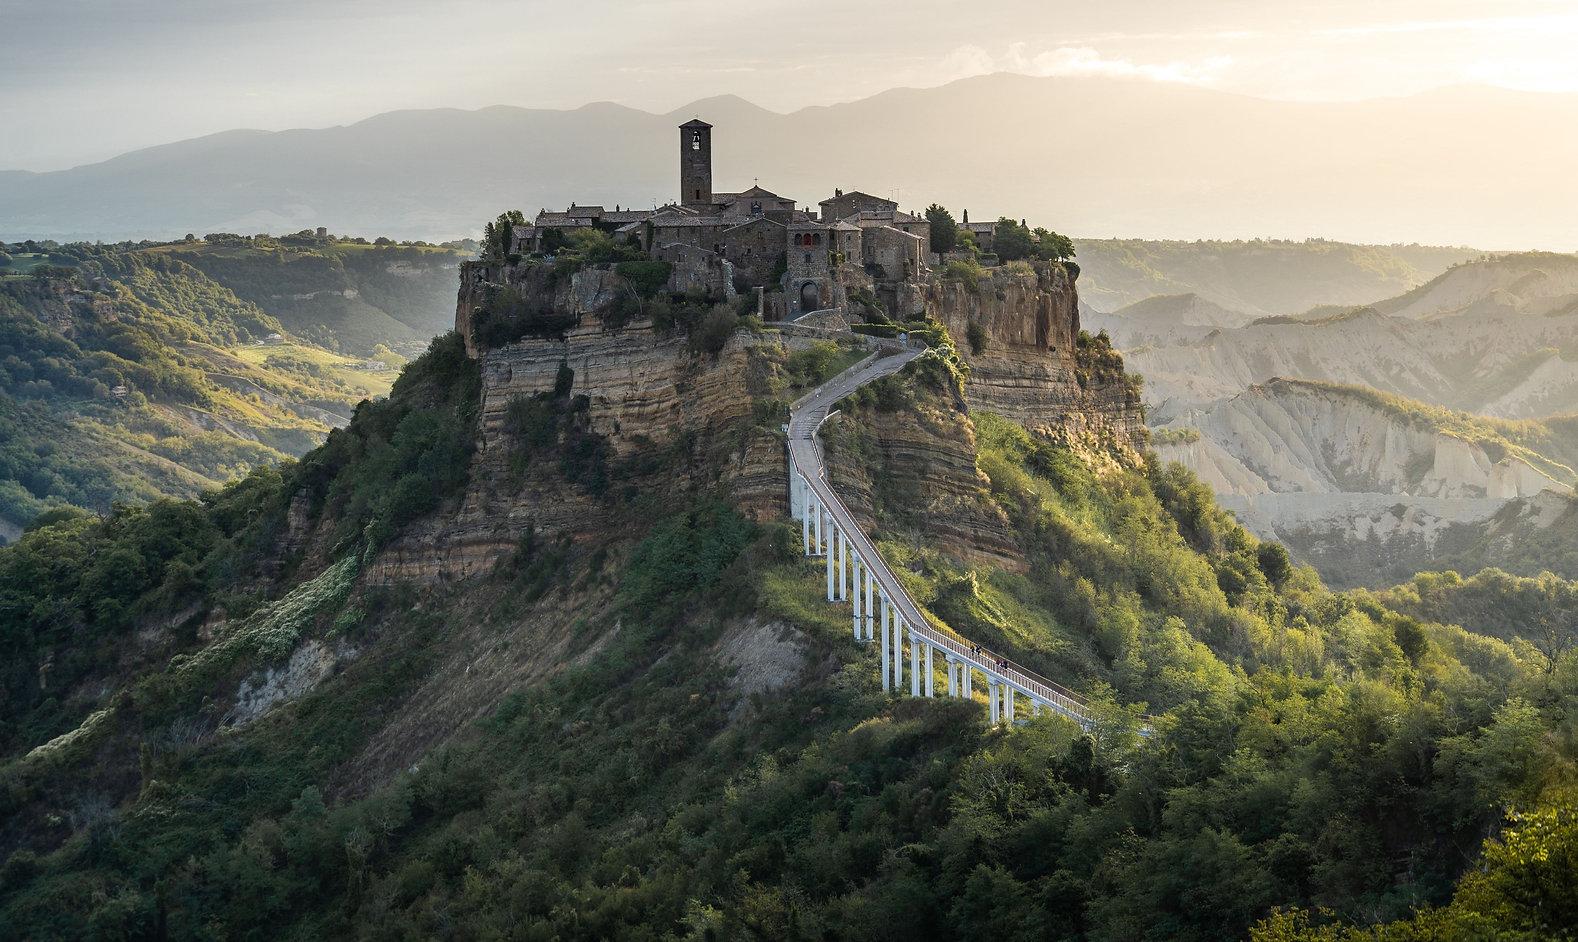 Norditalien_13a.jpg